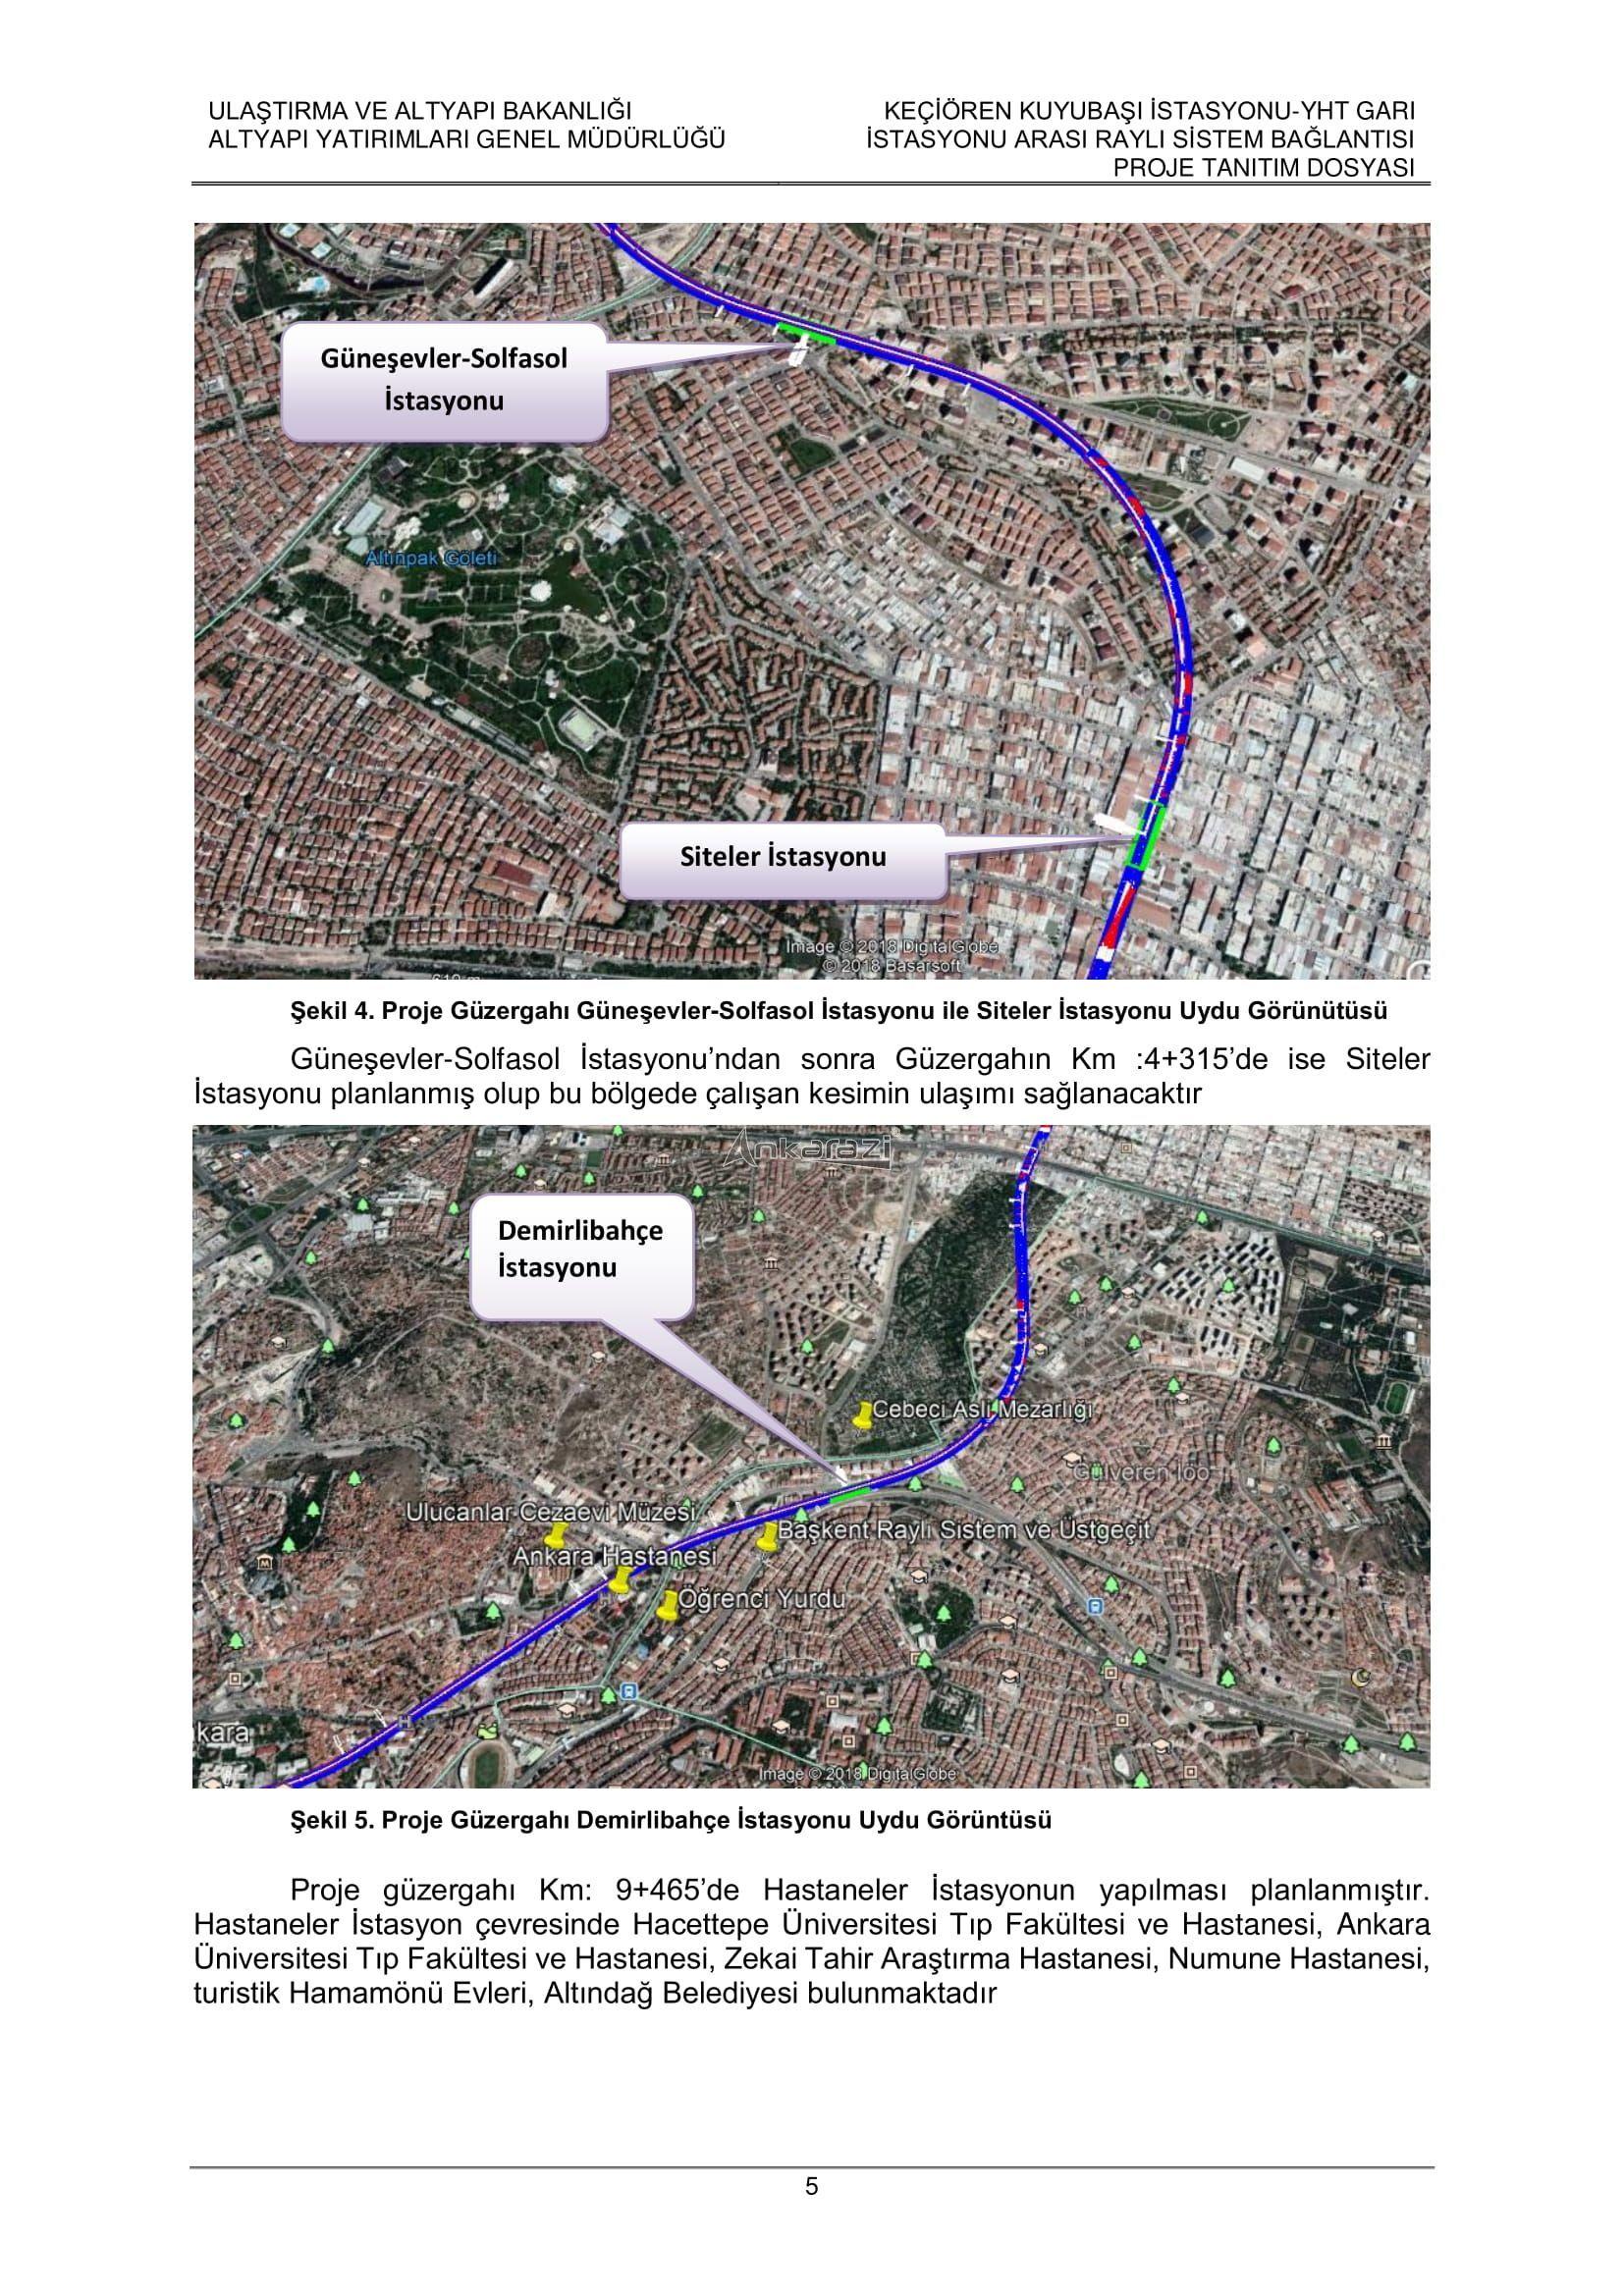 Keçiören-Siteler-YHT Garı Metro Hattı, Nihai Proje Dosyası... 3693